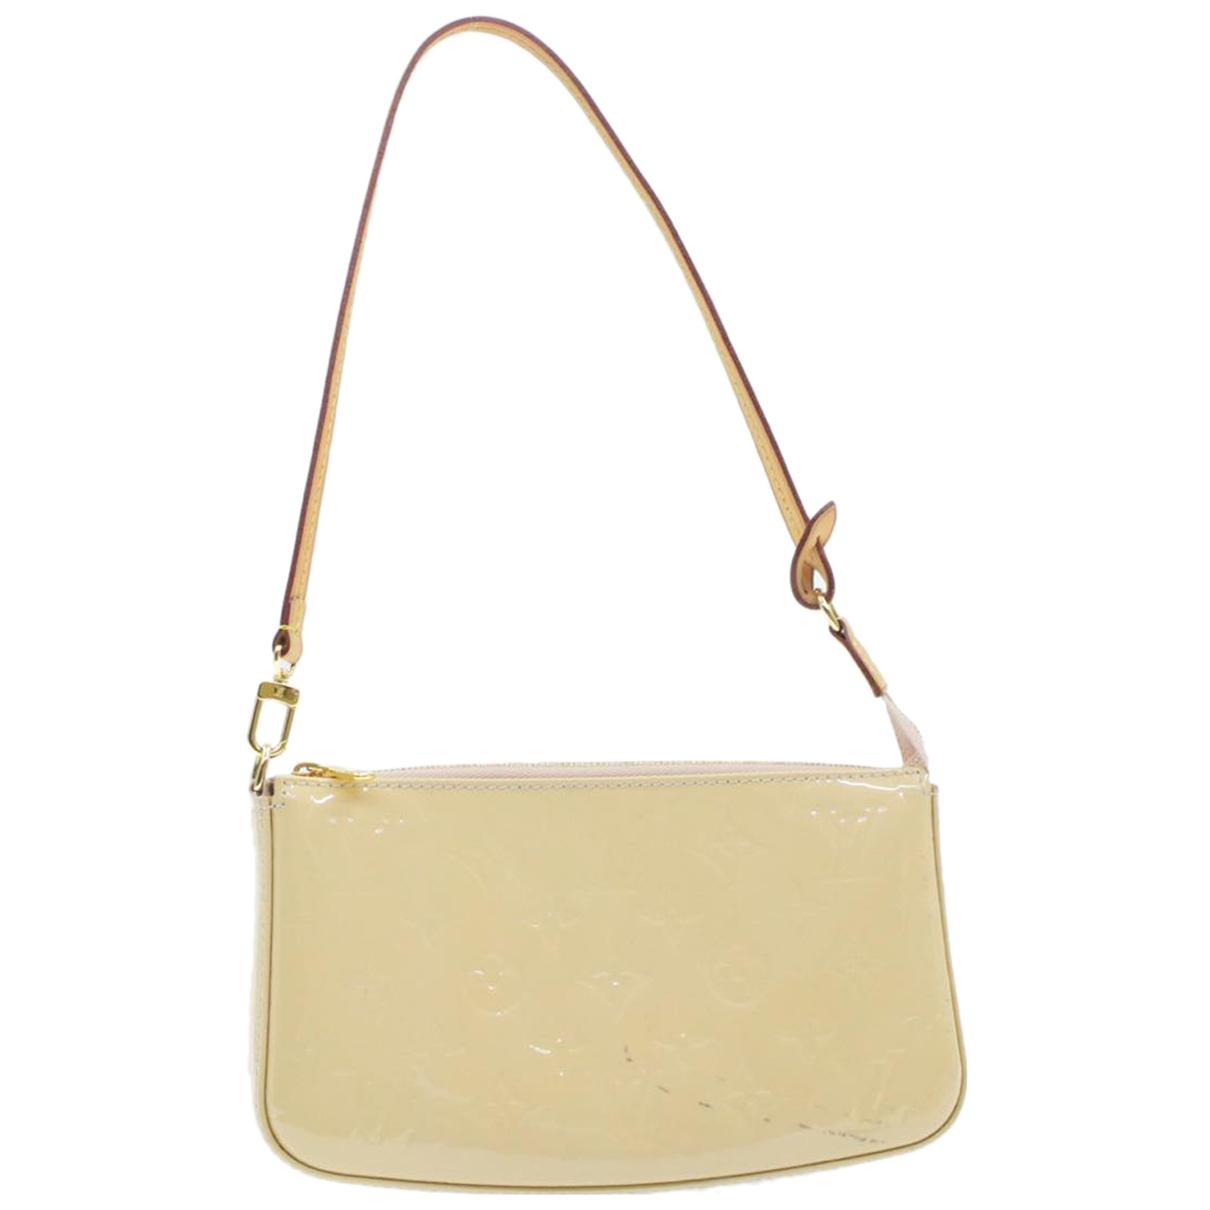 Louis Vuitton - Sac de voyage   pour femme en cuir verni - beige